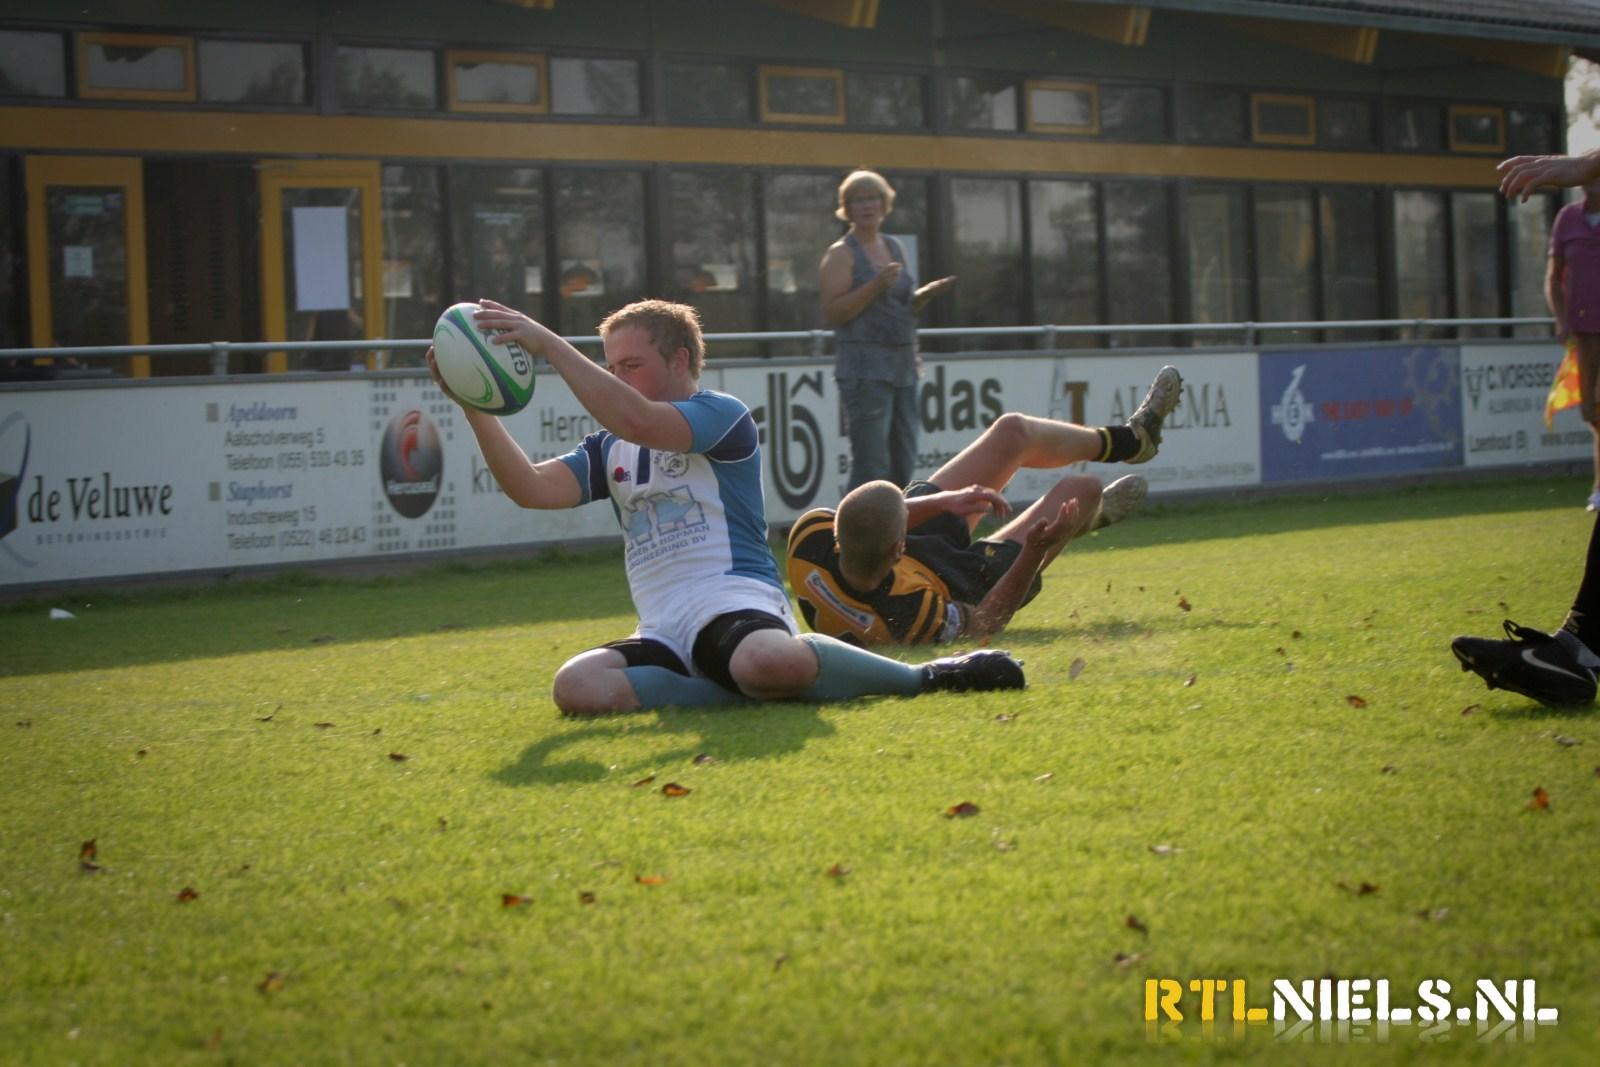 2011-10-01 | Castricumse3 – RCS | 33-17